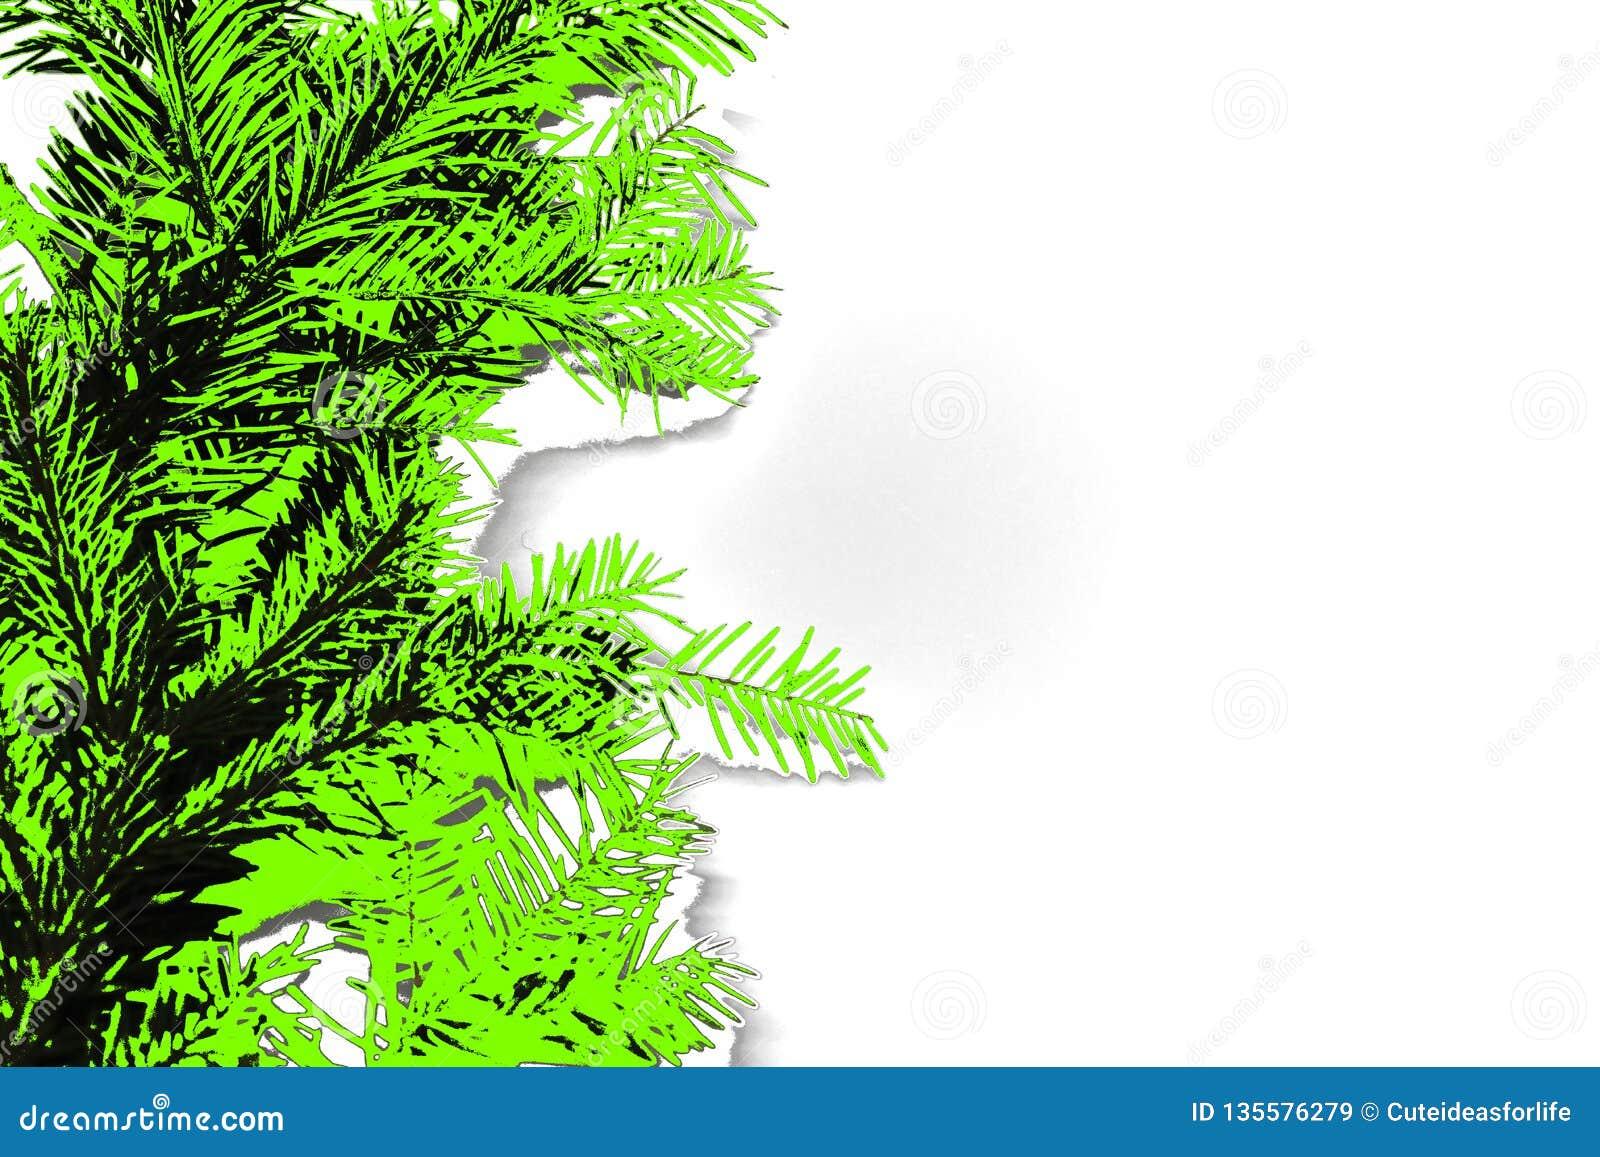 Abstrakt foto av barrträds- filialer i grön färg för ufo